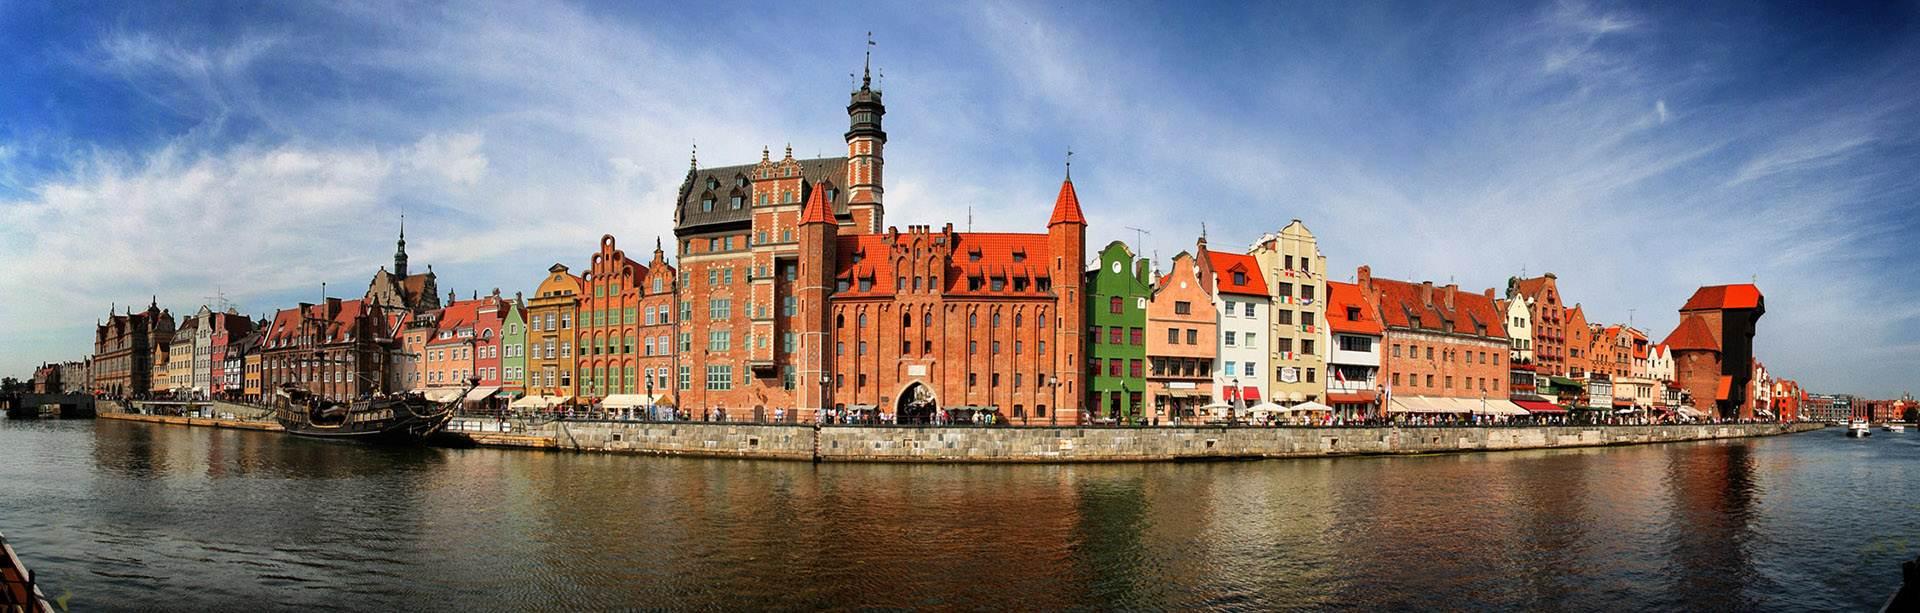 Walking tour of Gdansk